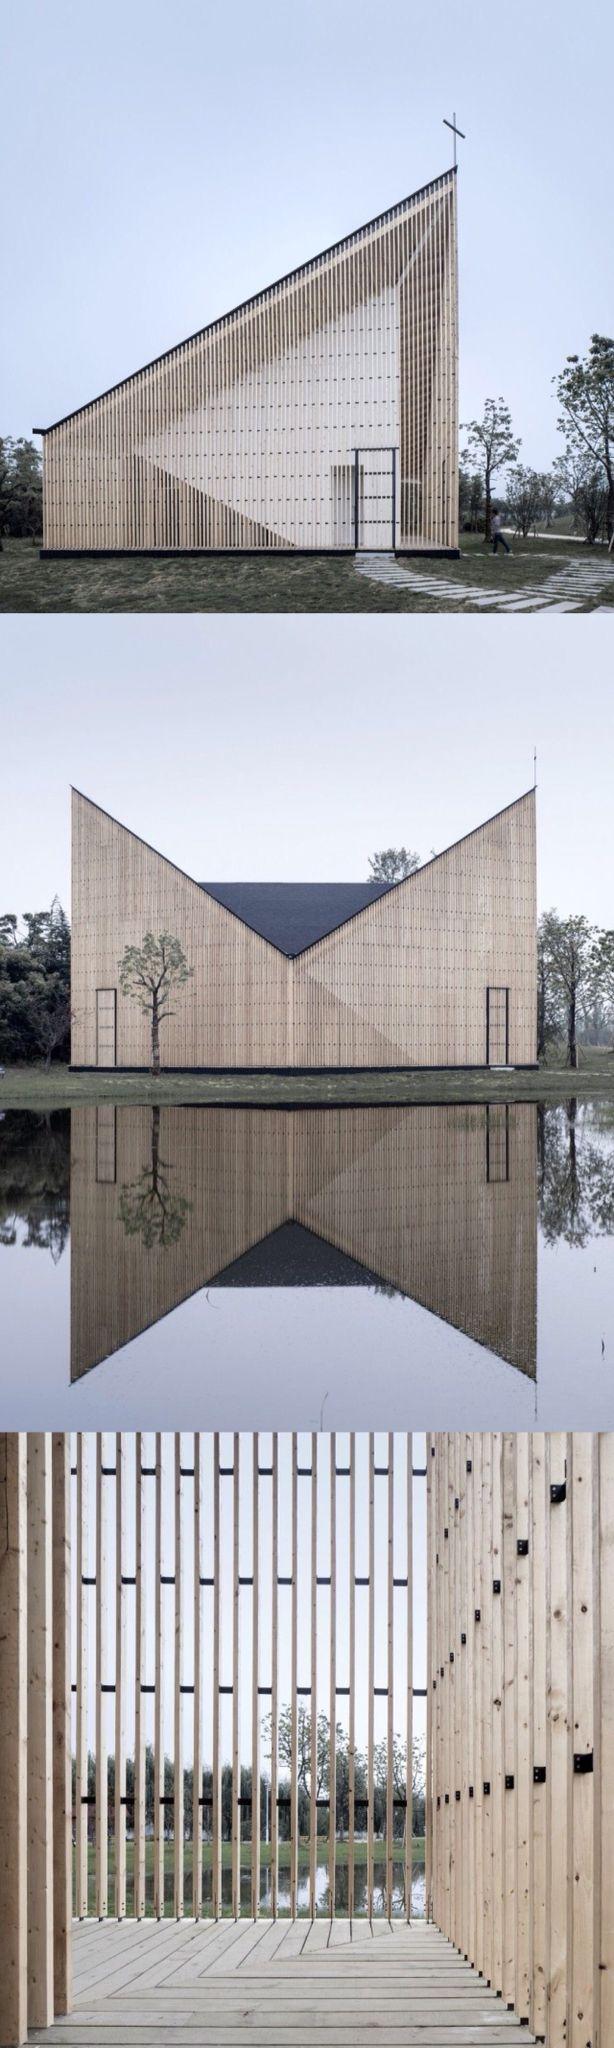 Visions of the Future // Nanjing Wanjing Garden Chapel / AZL Architect. Geometric design - triangular.